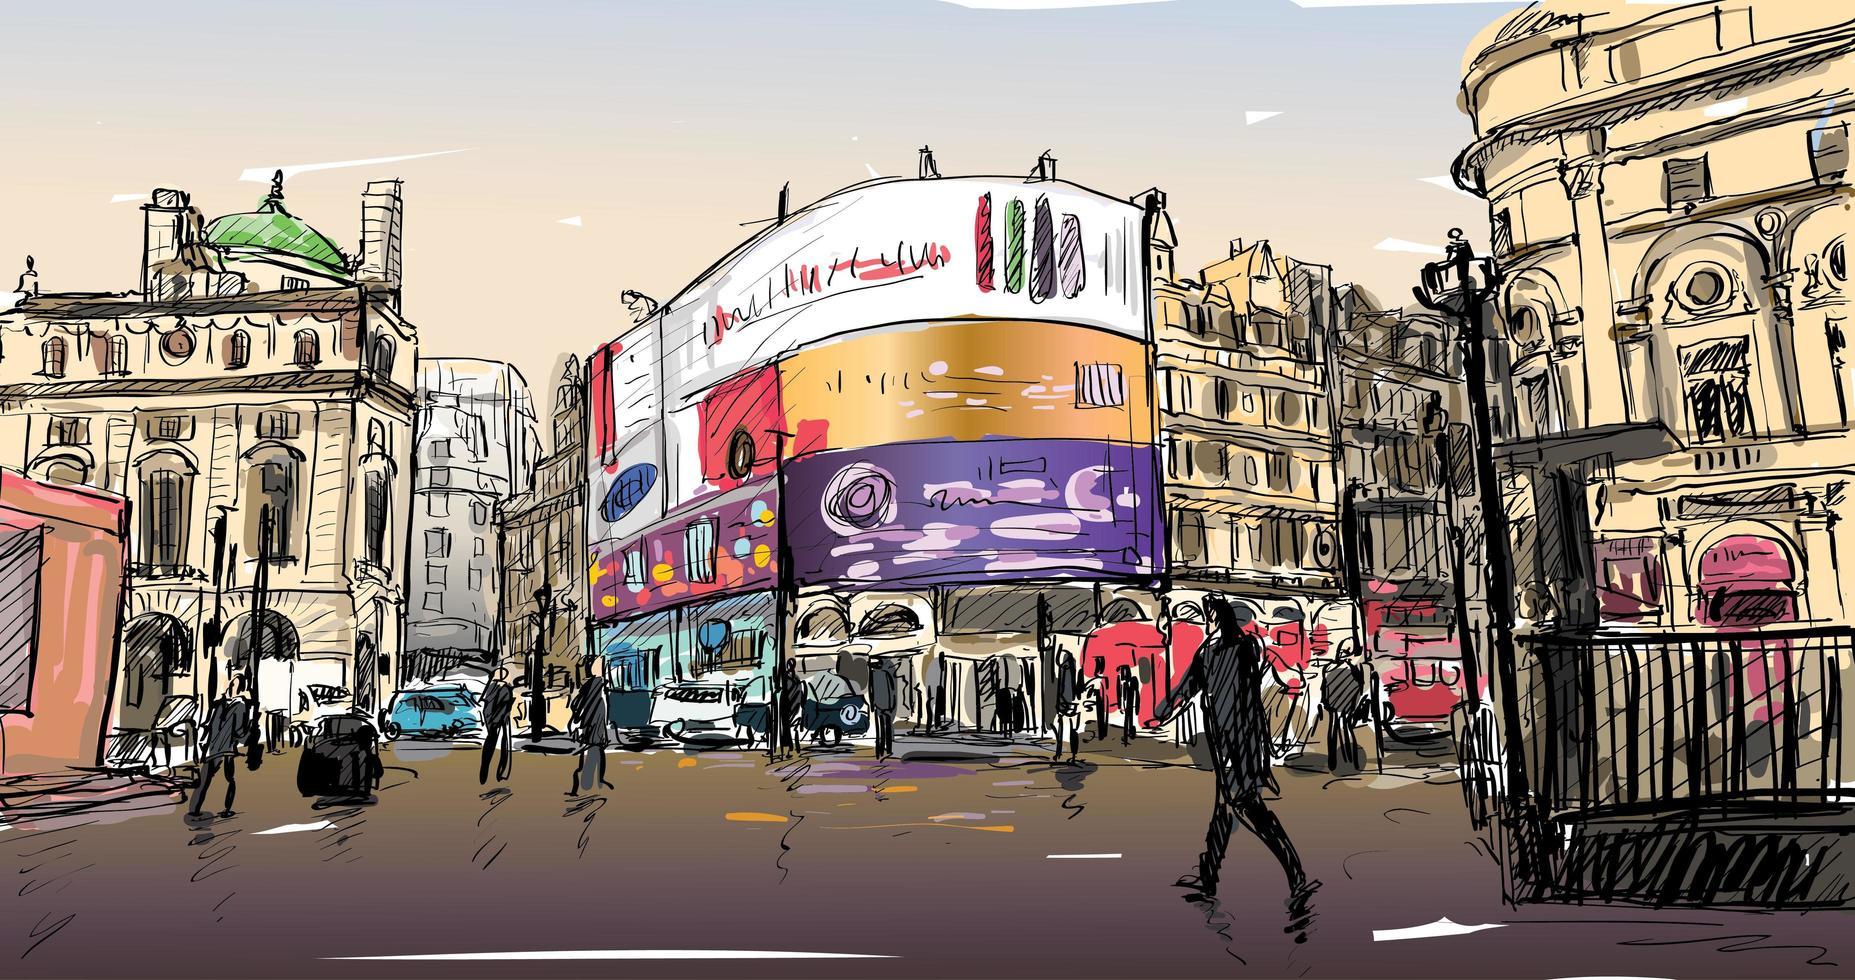 schizzo a colori del paesaggio urbano in Inghilterra vettore